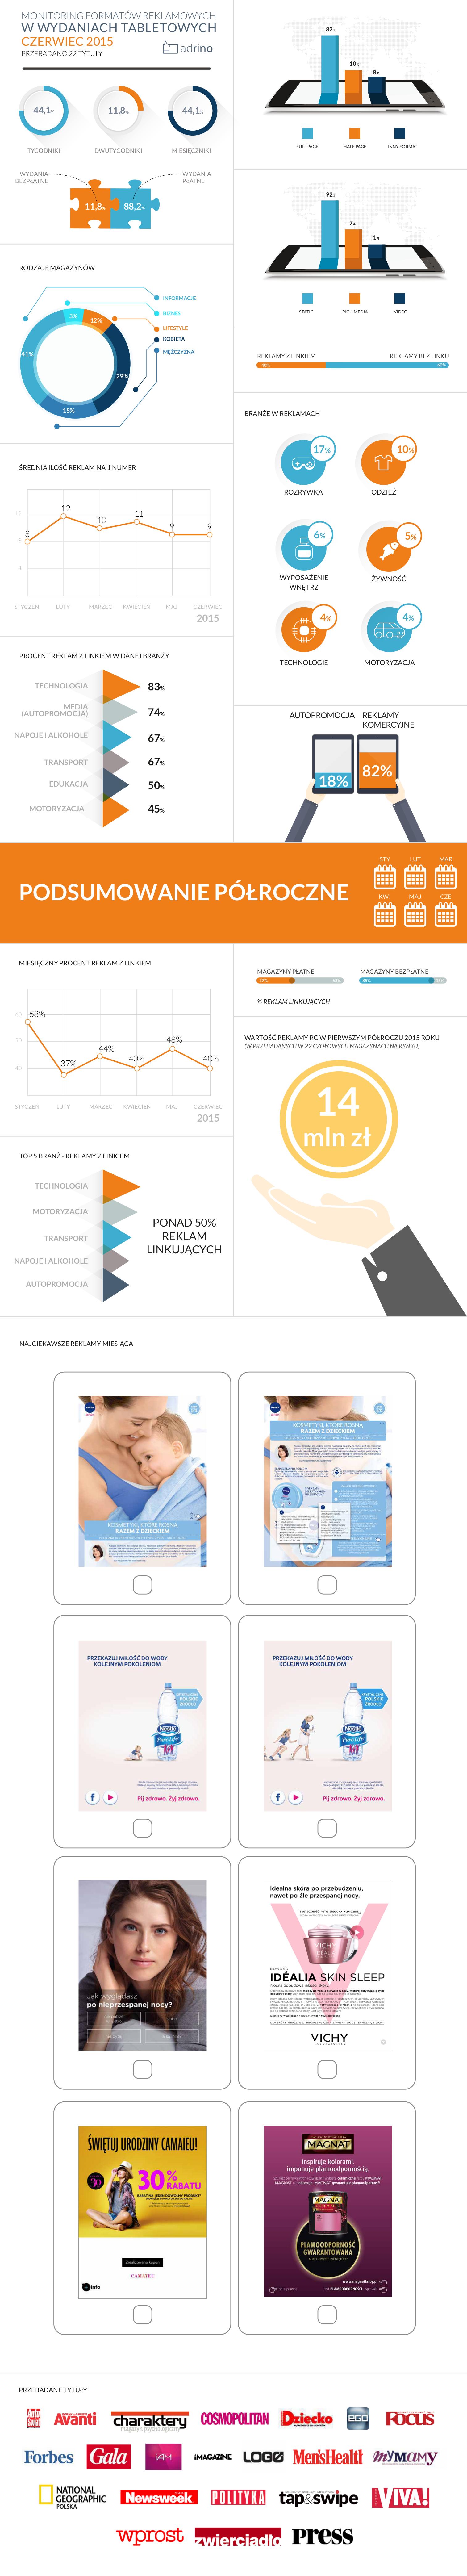 infografika - czerwiec 2015